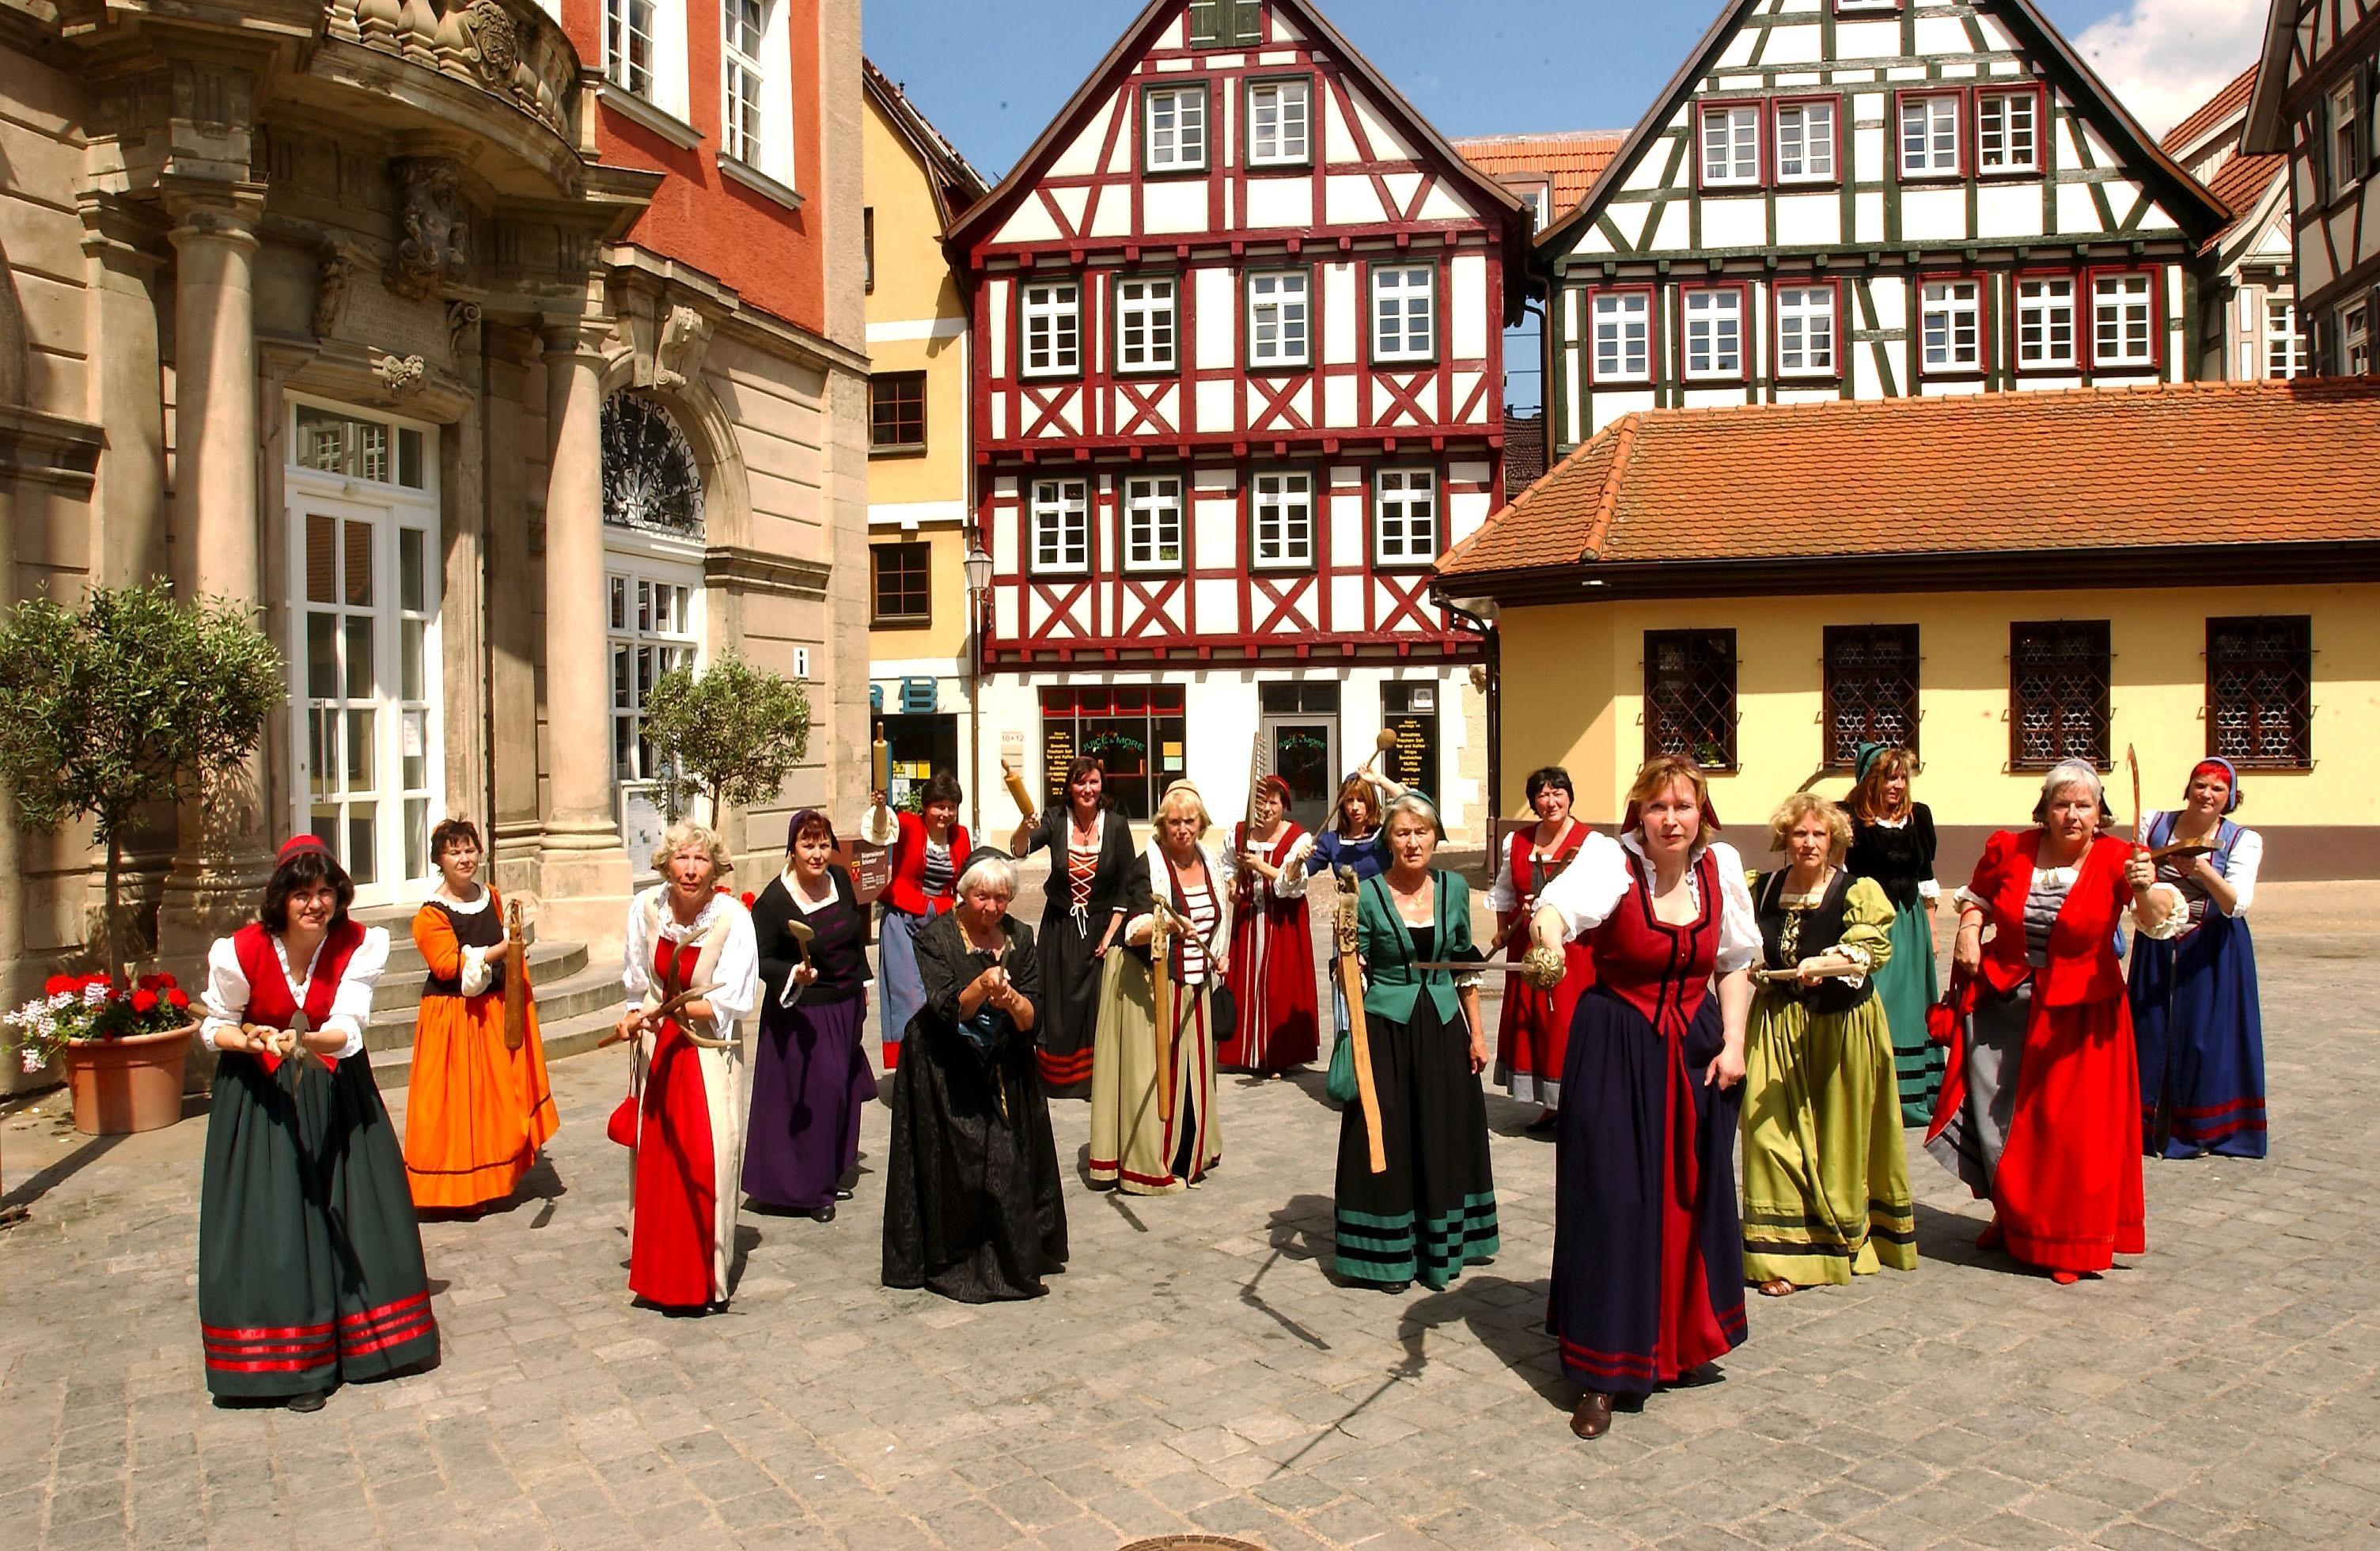 Schorndorfer Weiber vorm Rathaus